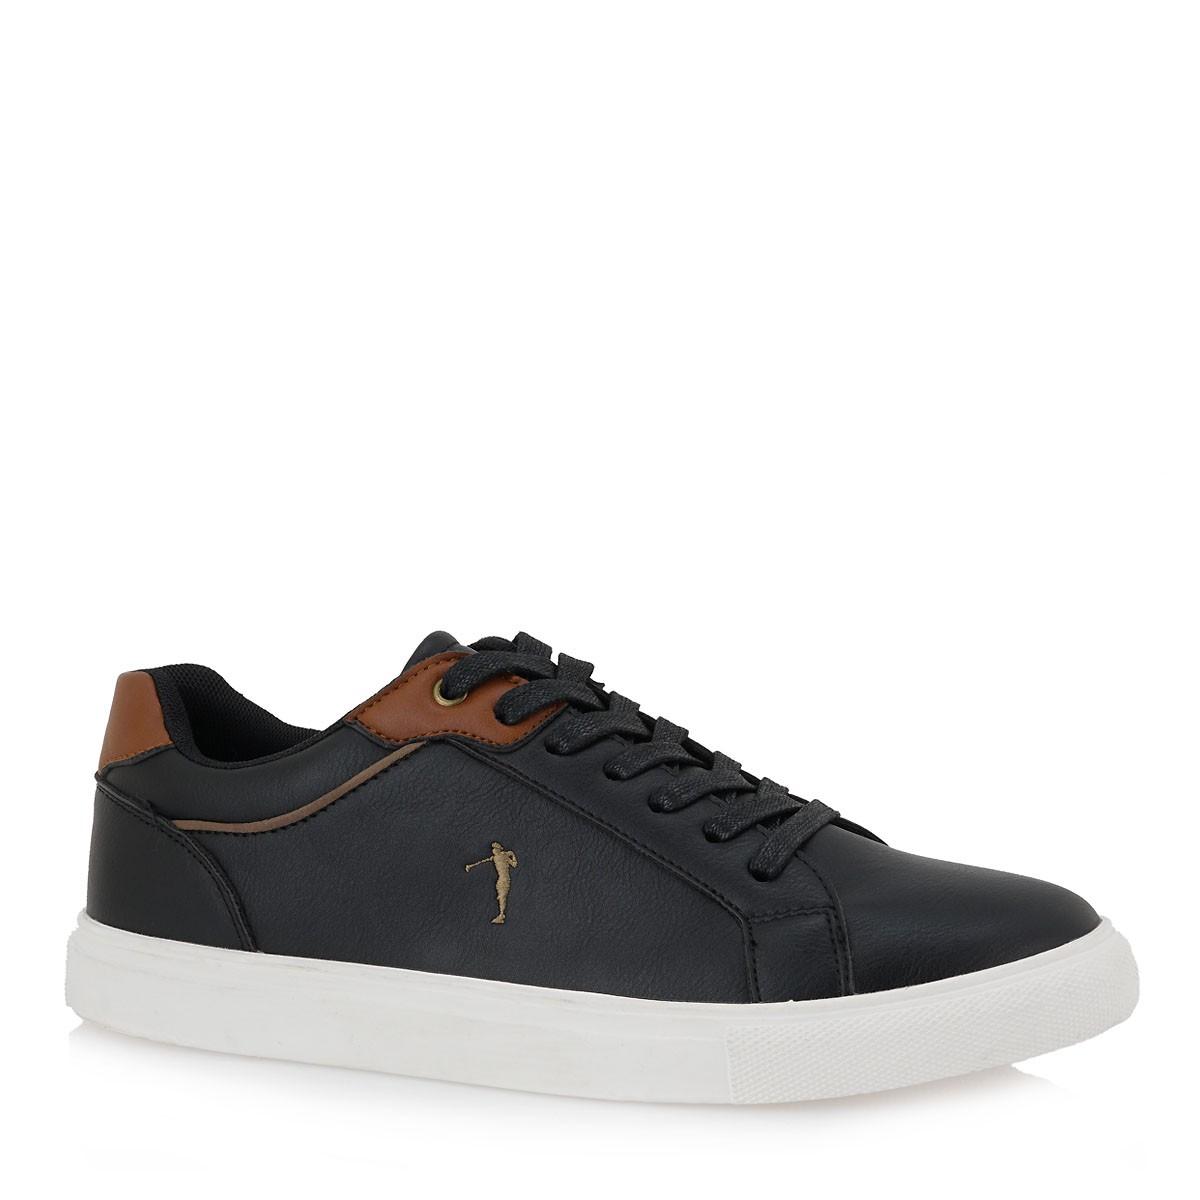 Calgary Ανδρικά Παπούτσια Sneakers 423-700 Μαύρο L5700423200105